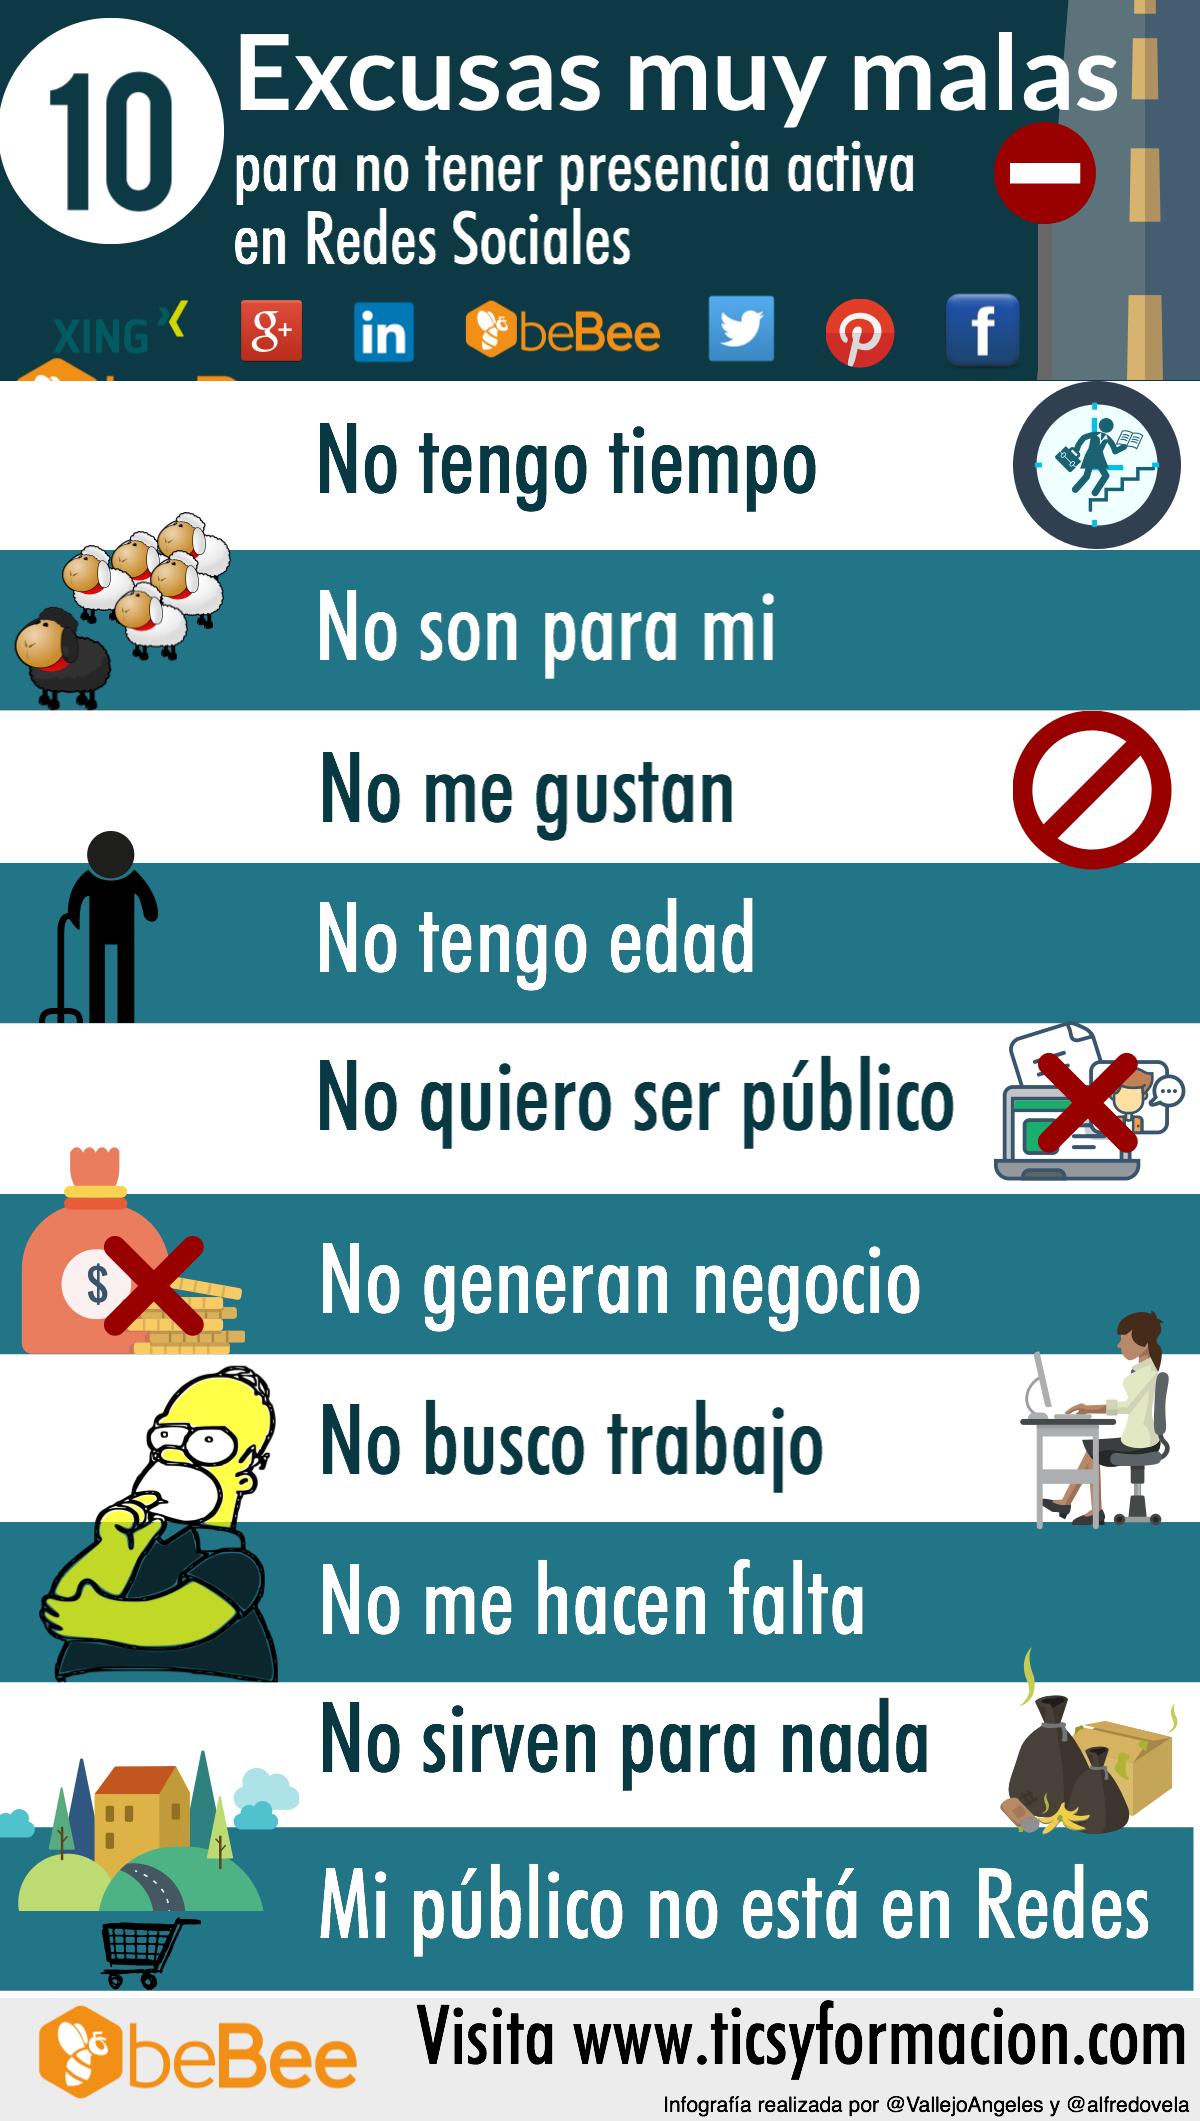 10 muy malas excusas para no tener presencia activa en Redes Sociales #infografia #infographic #socialmedia